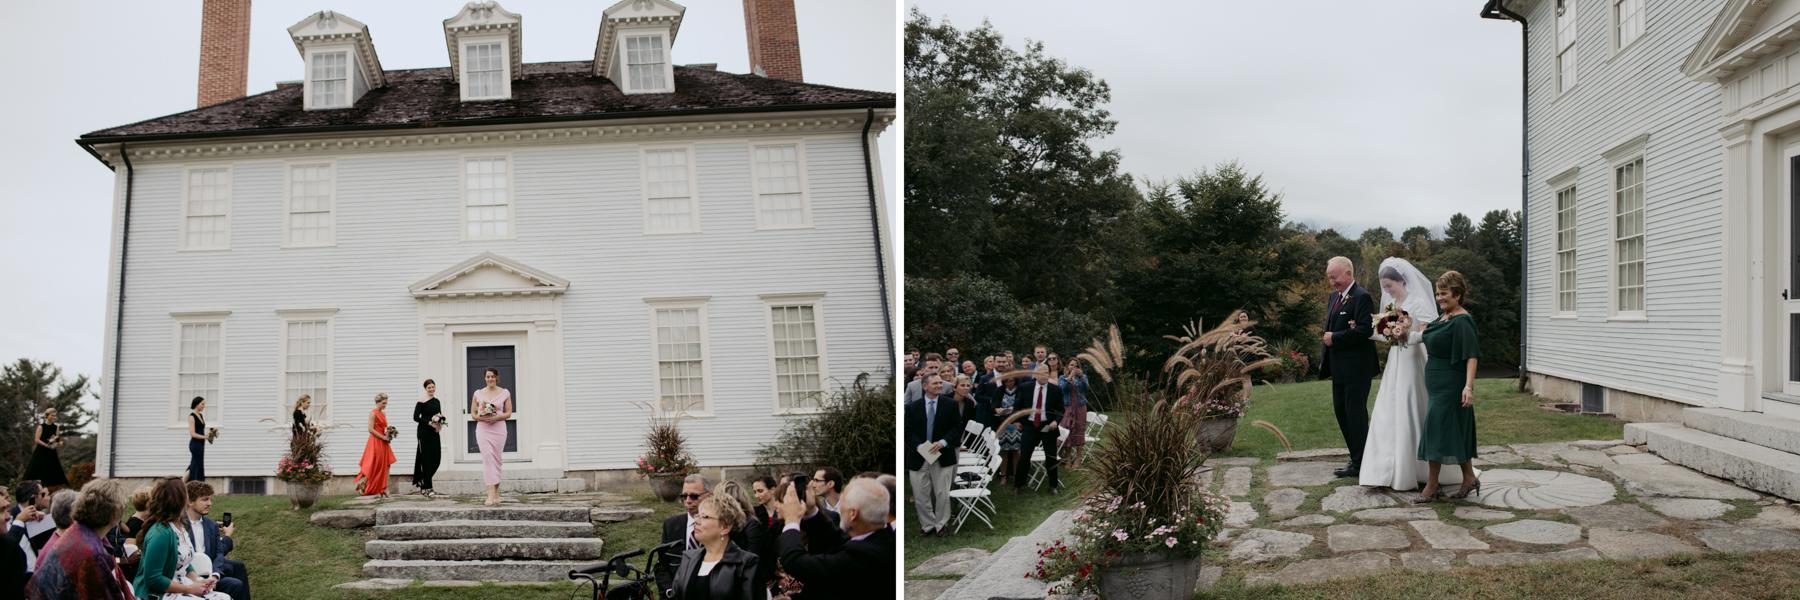 Hamilton_House_wedding_maine_Leah_Fisher_Photography-19.jpg